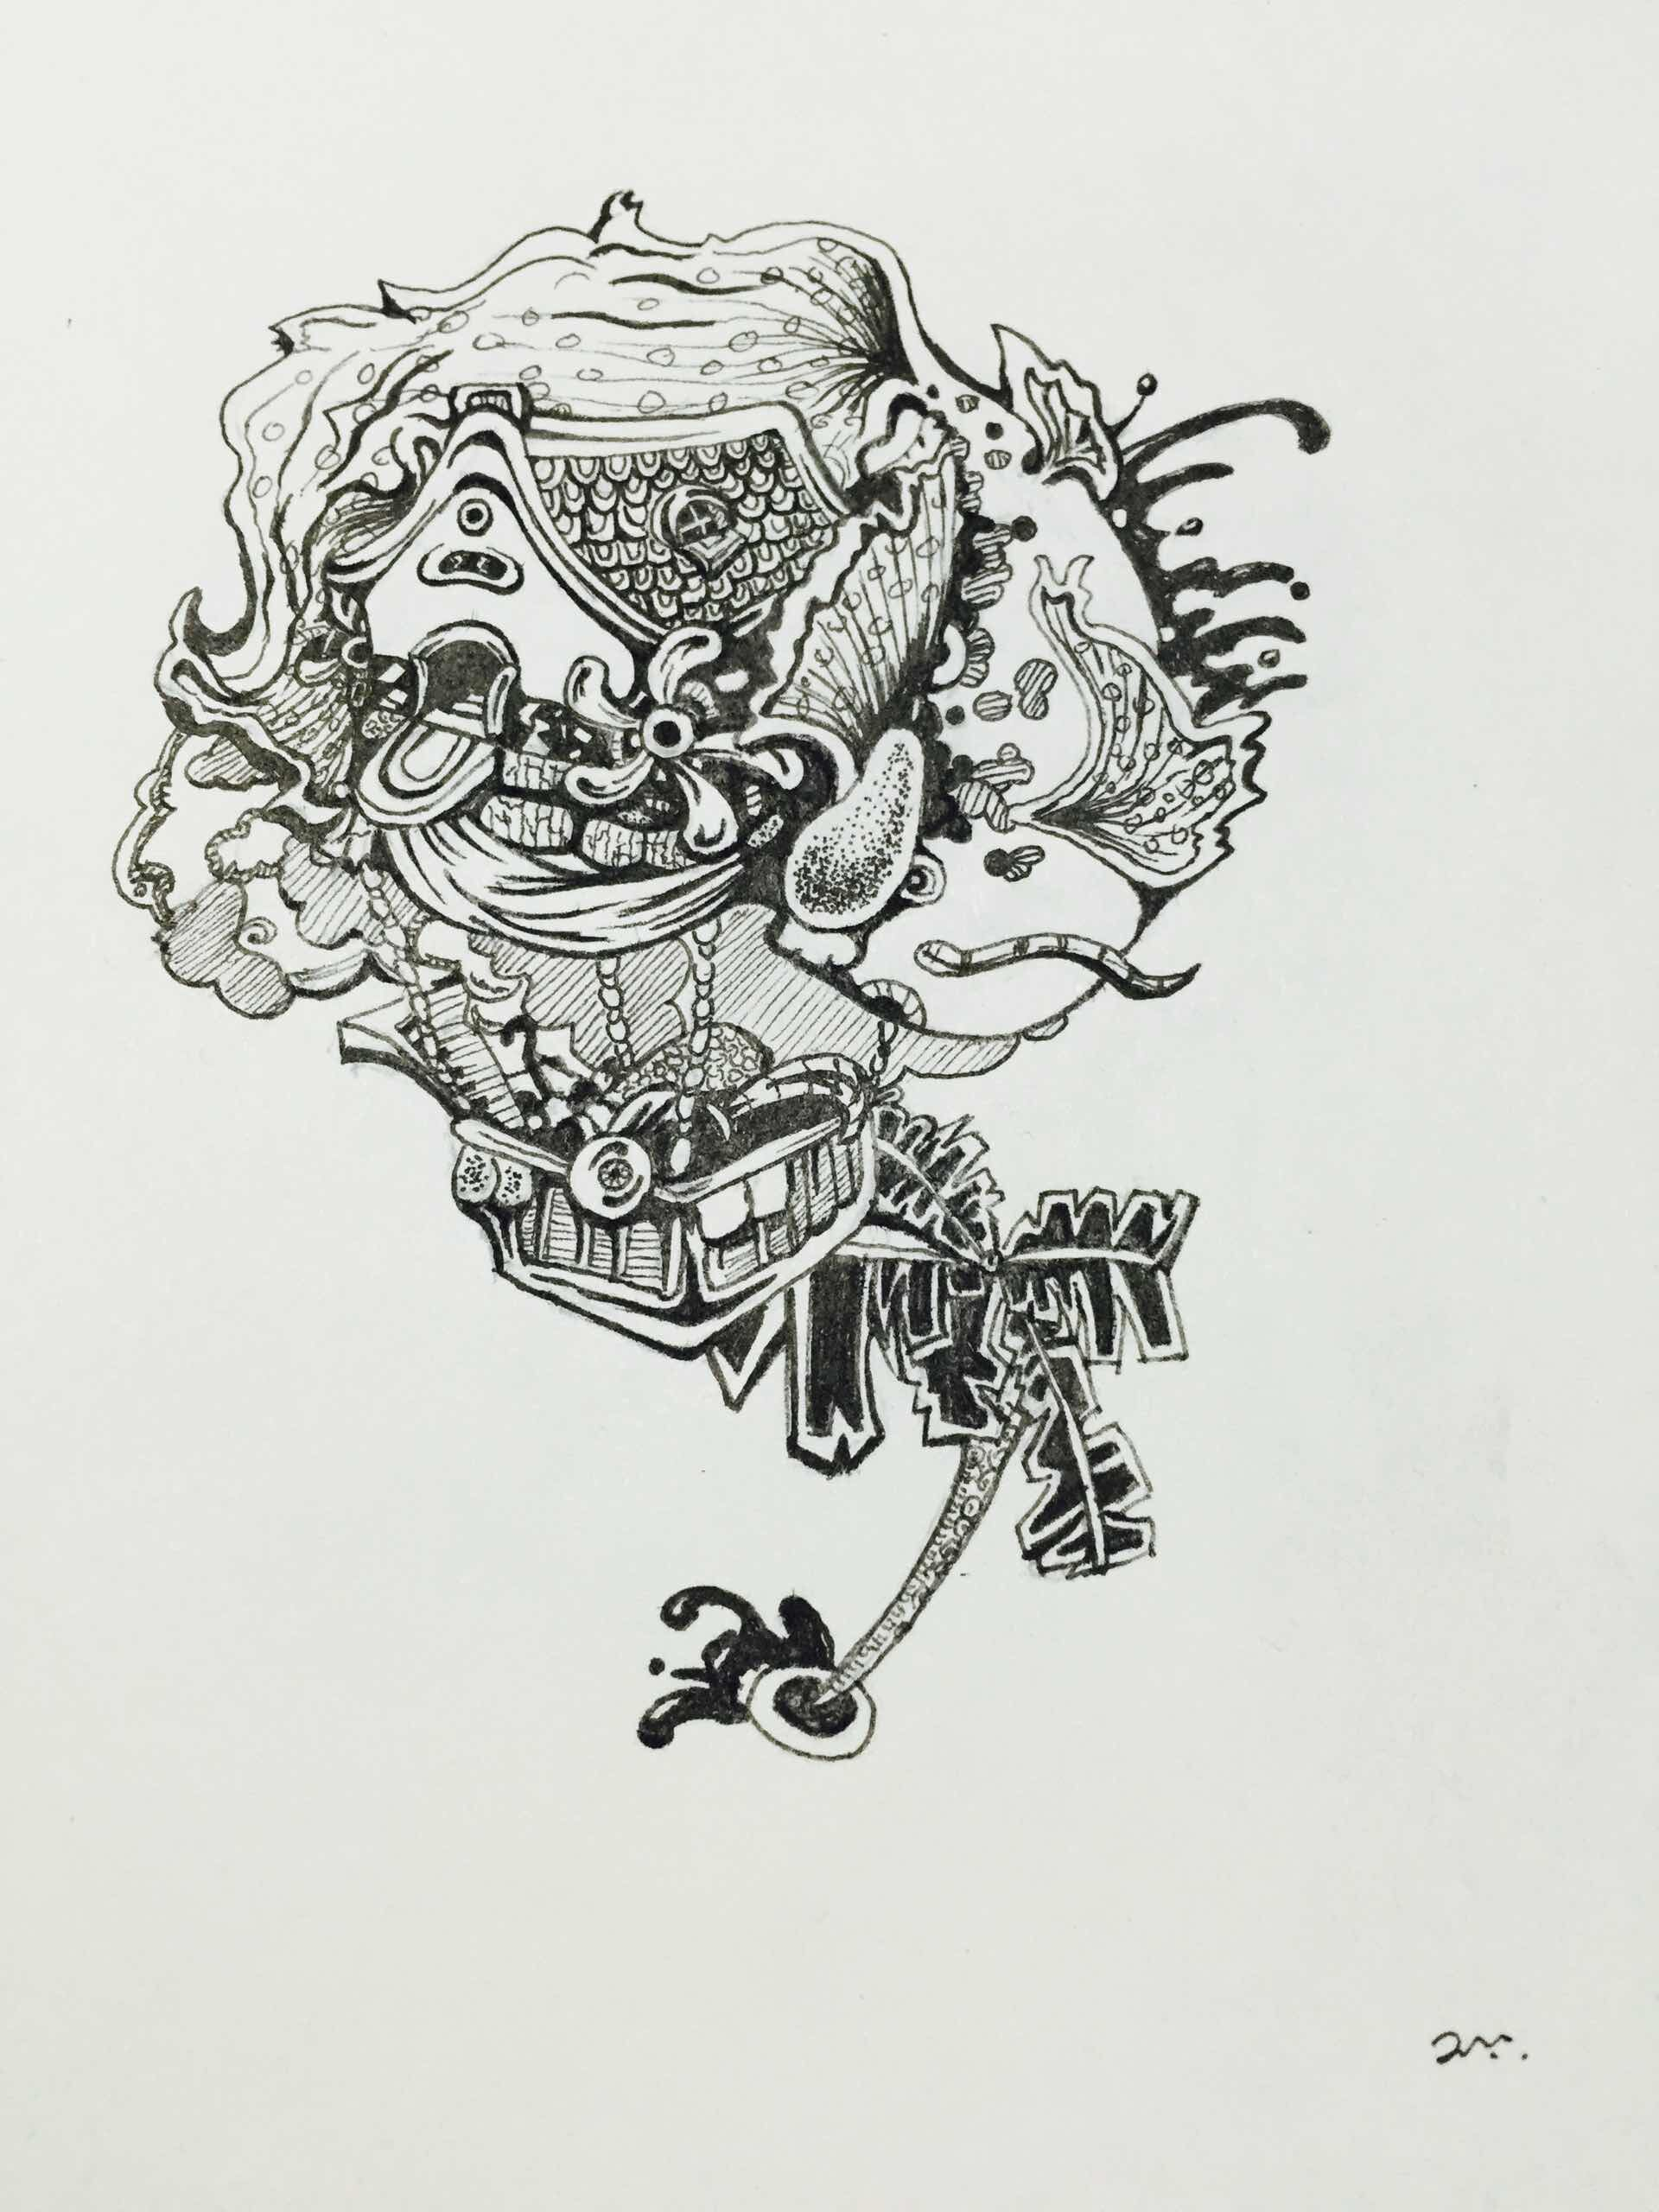 画图片大全 手绘装饰画简笔画-马克笔手绘人物装饰画|简单创意装饰画